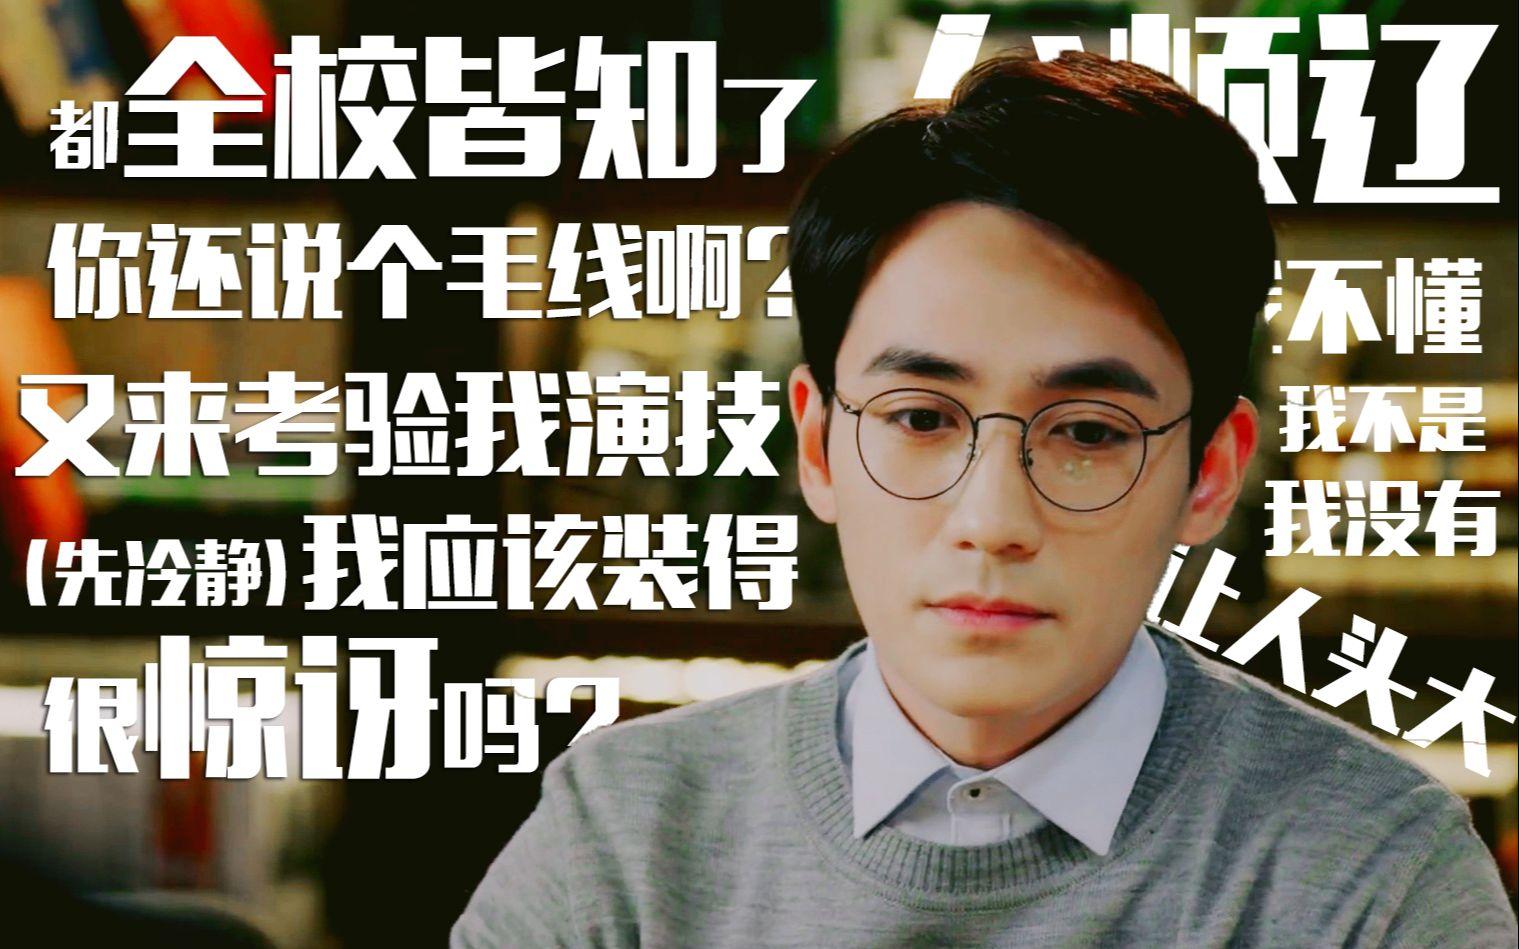 【巍澜v老师】【沈巍x章远】老师他洗浴你了!看上西安房情趣图片